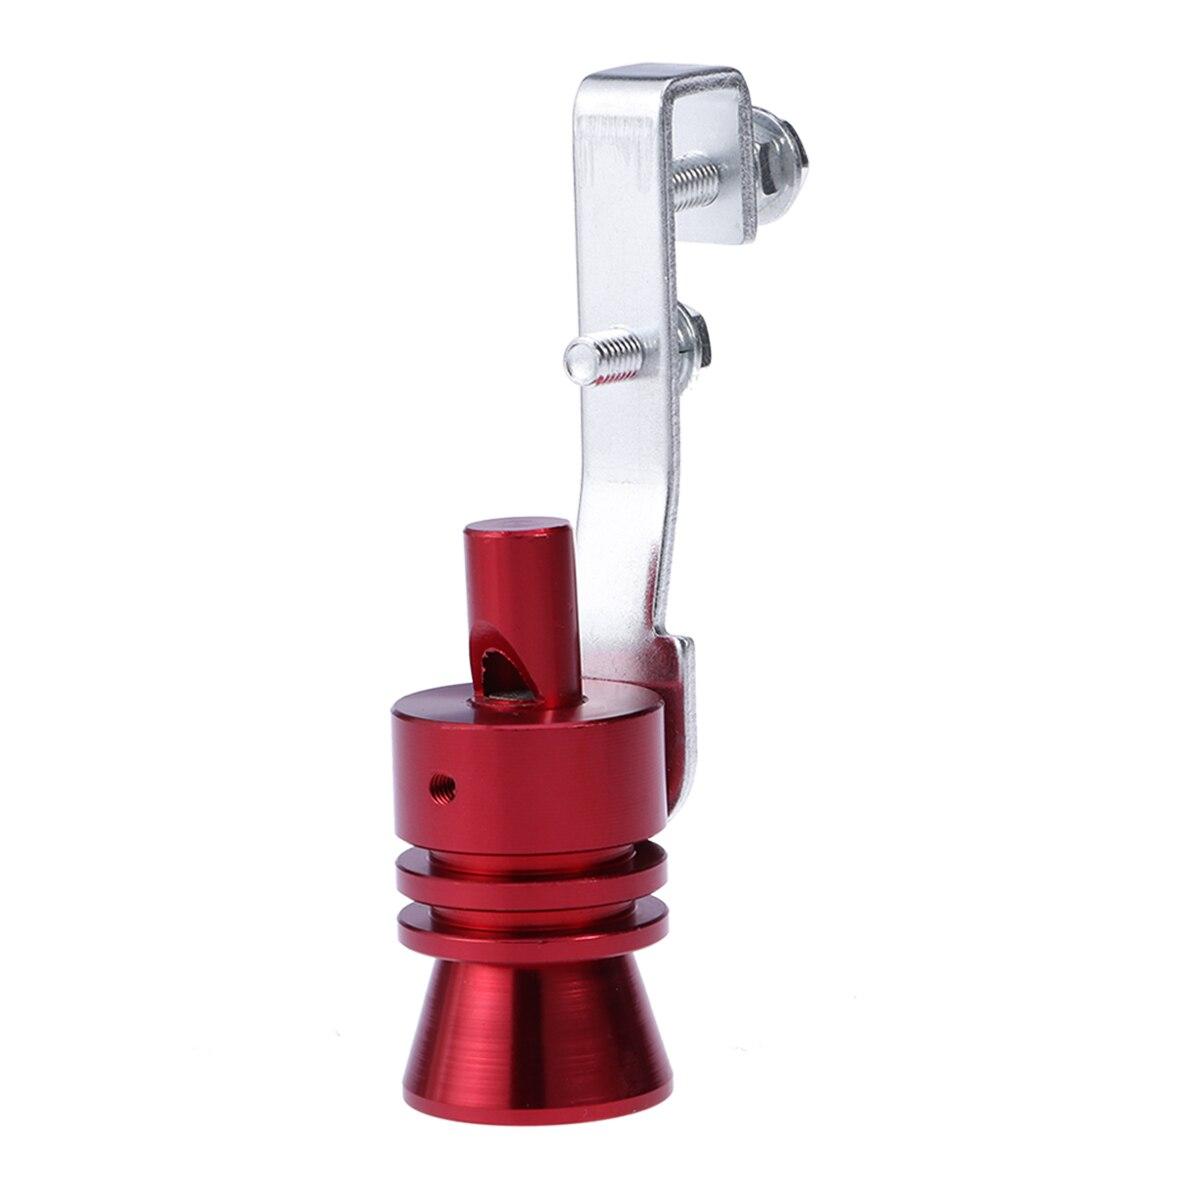 Eficiente Simulador De Válvula De Soplado De Tubo De Escape De Sonido Turbo De Aleación De Aluminio Para Coche Tamaño L (rojo)